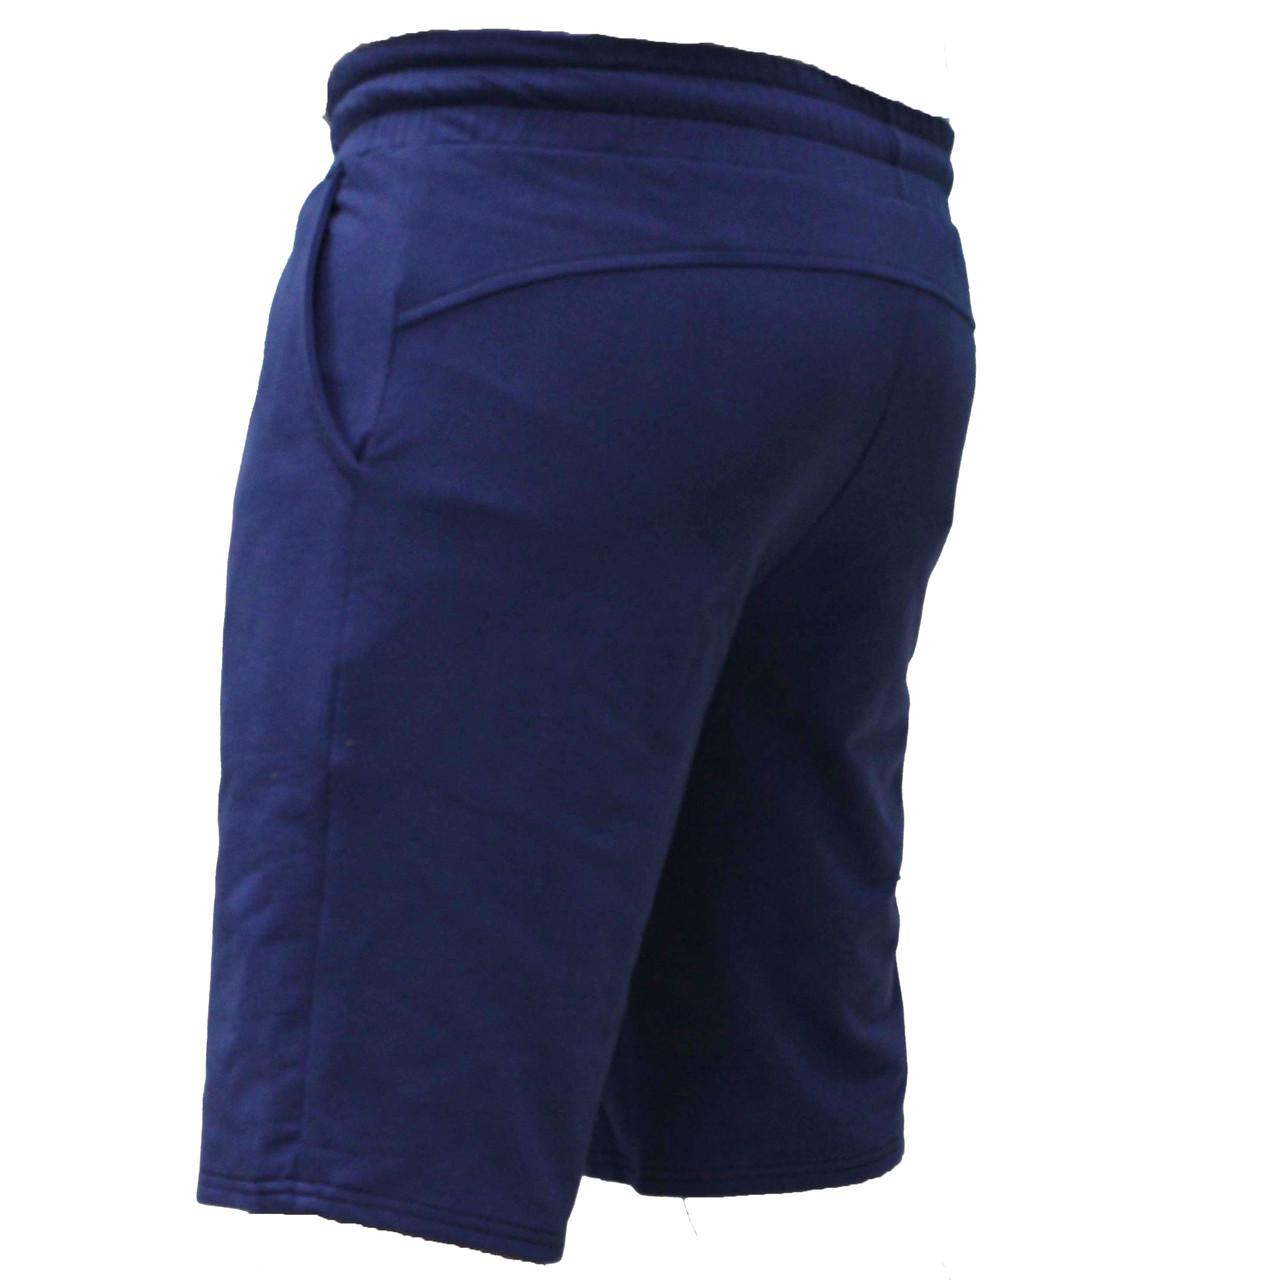 Мужские повседневные синие трикотажные шорты без надписей